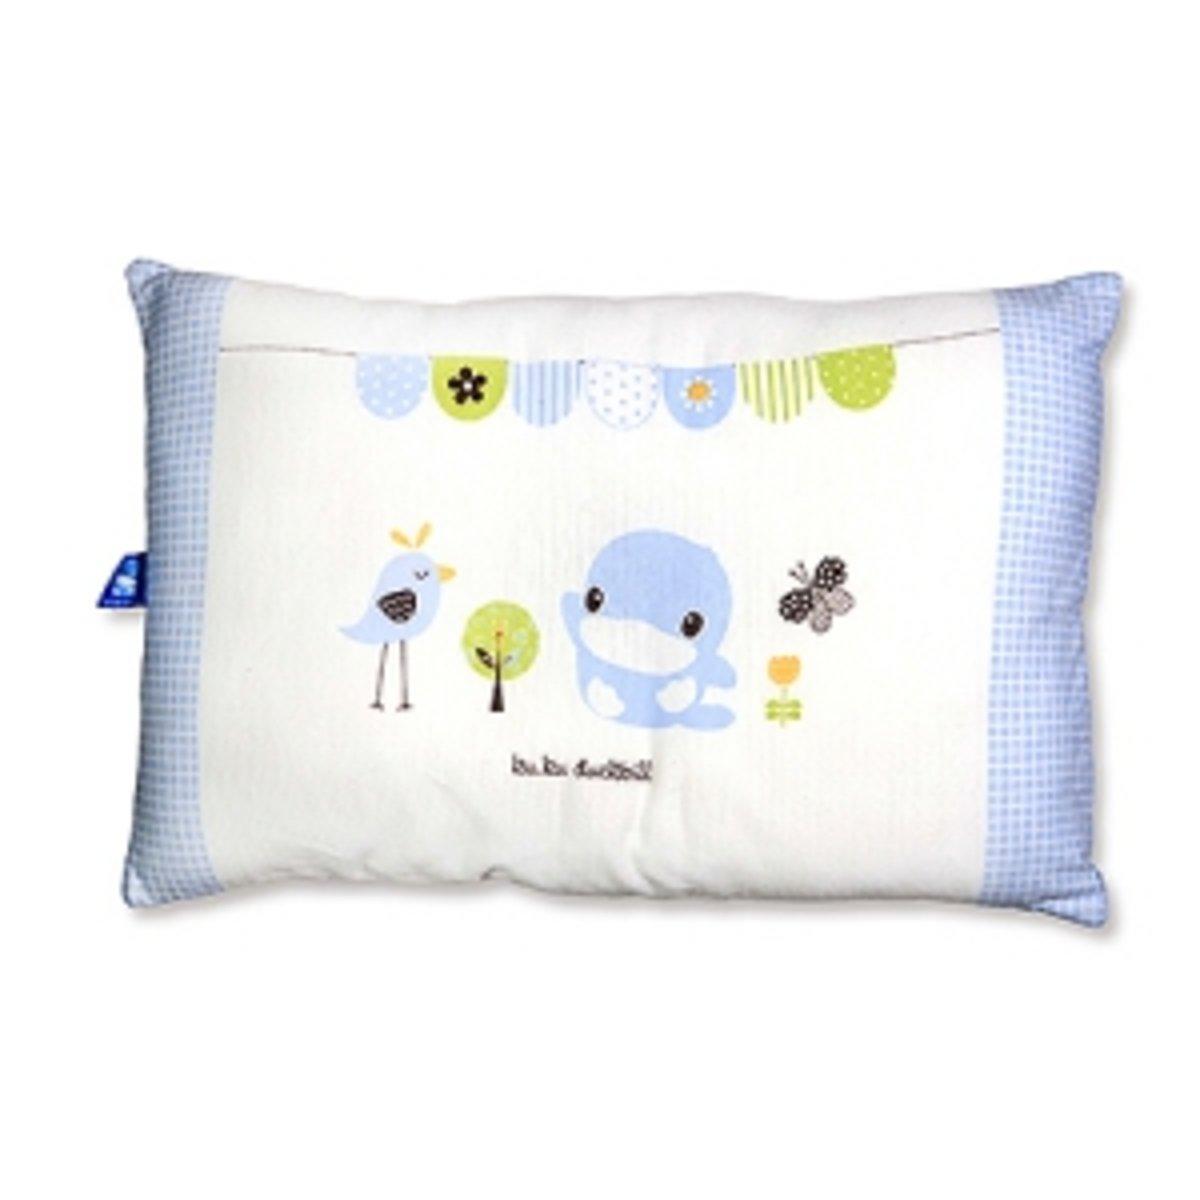 嬰兒四季枕 (藍色)